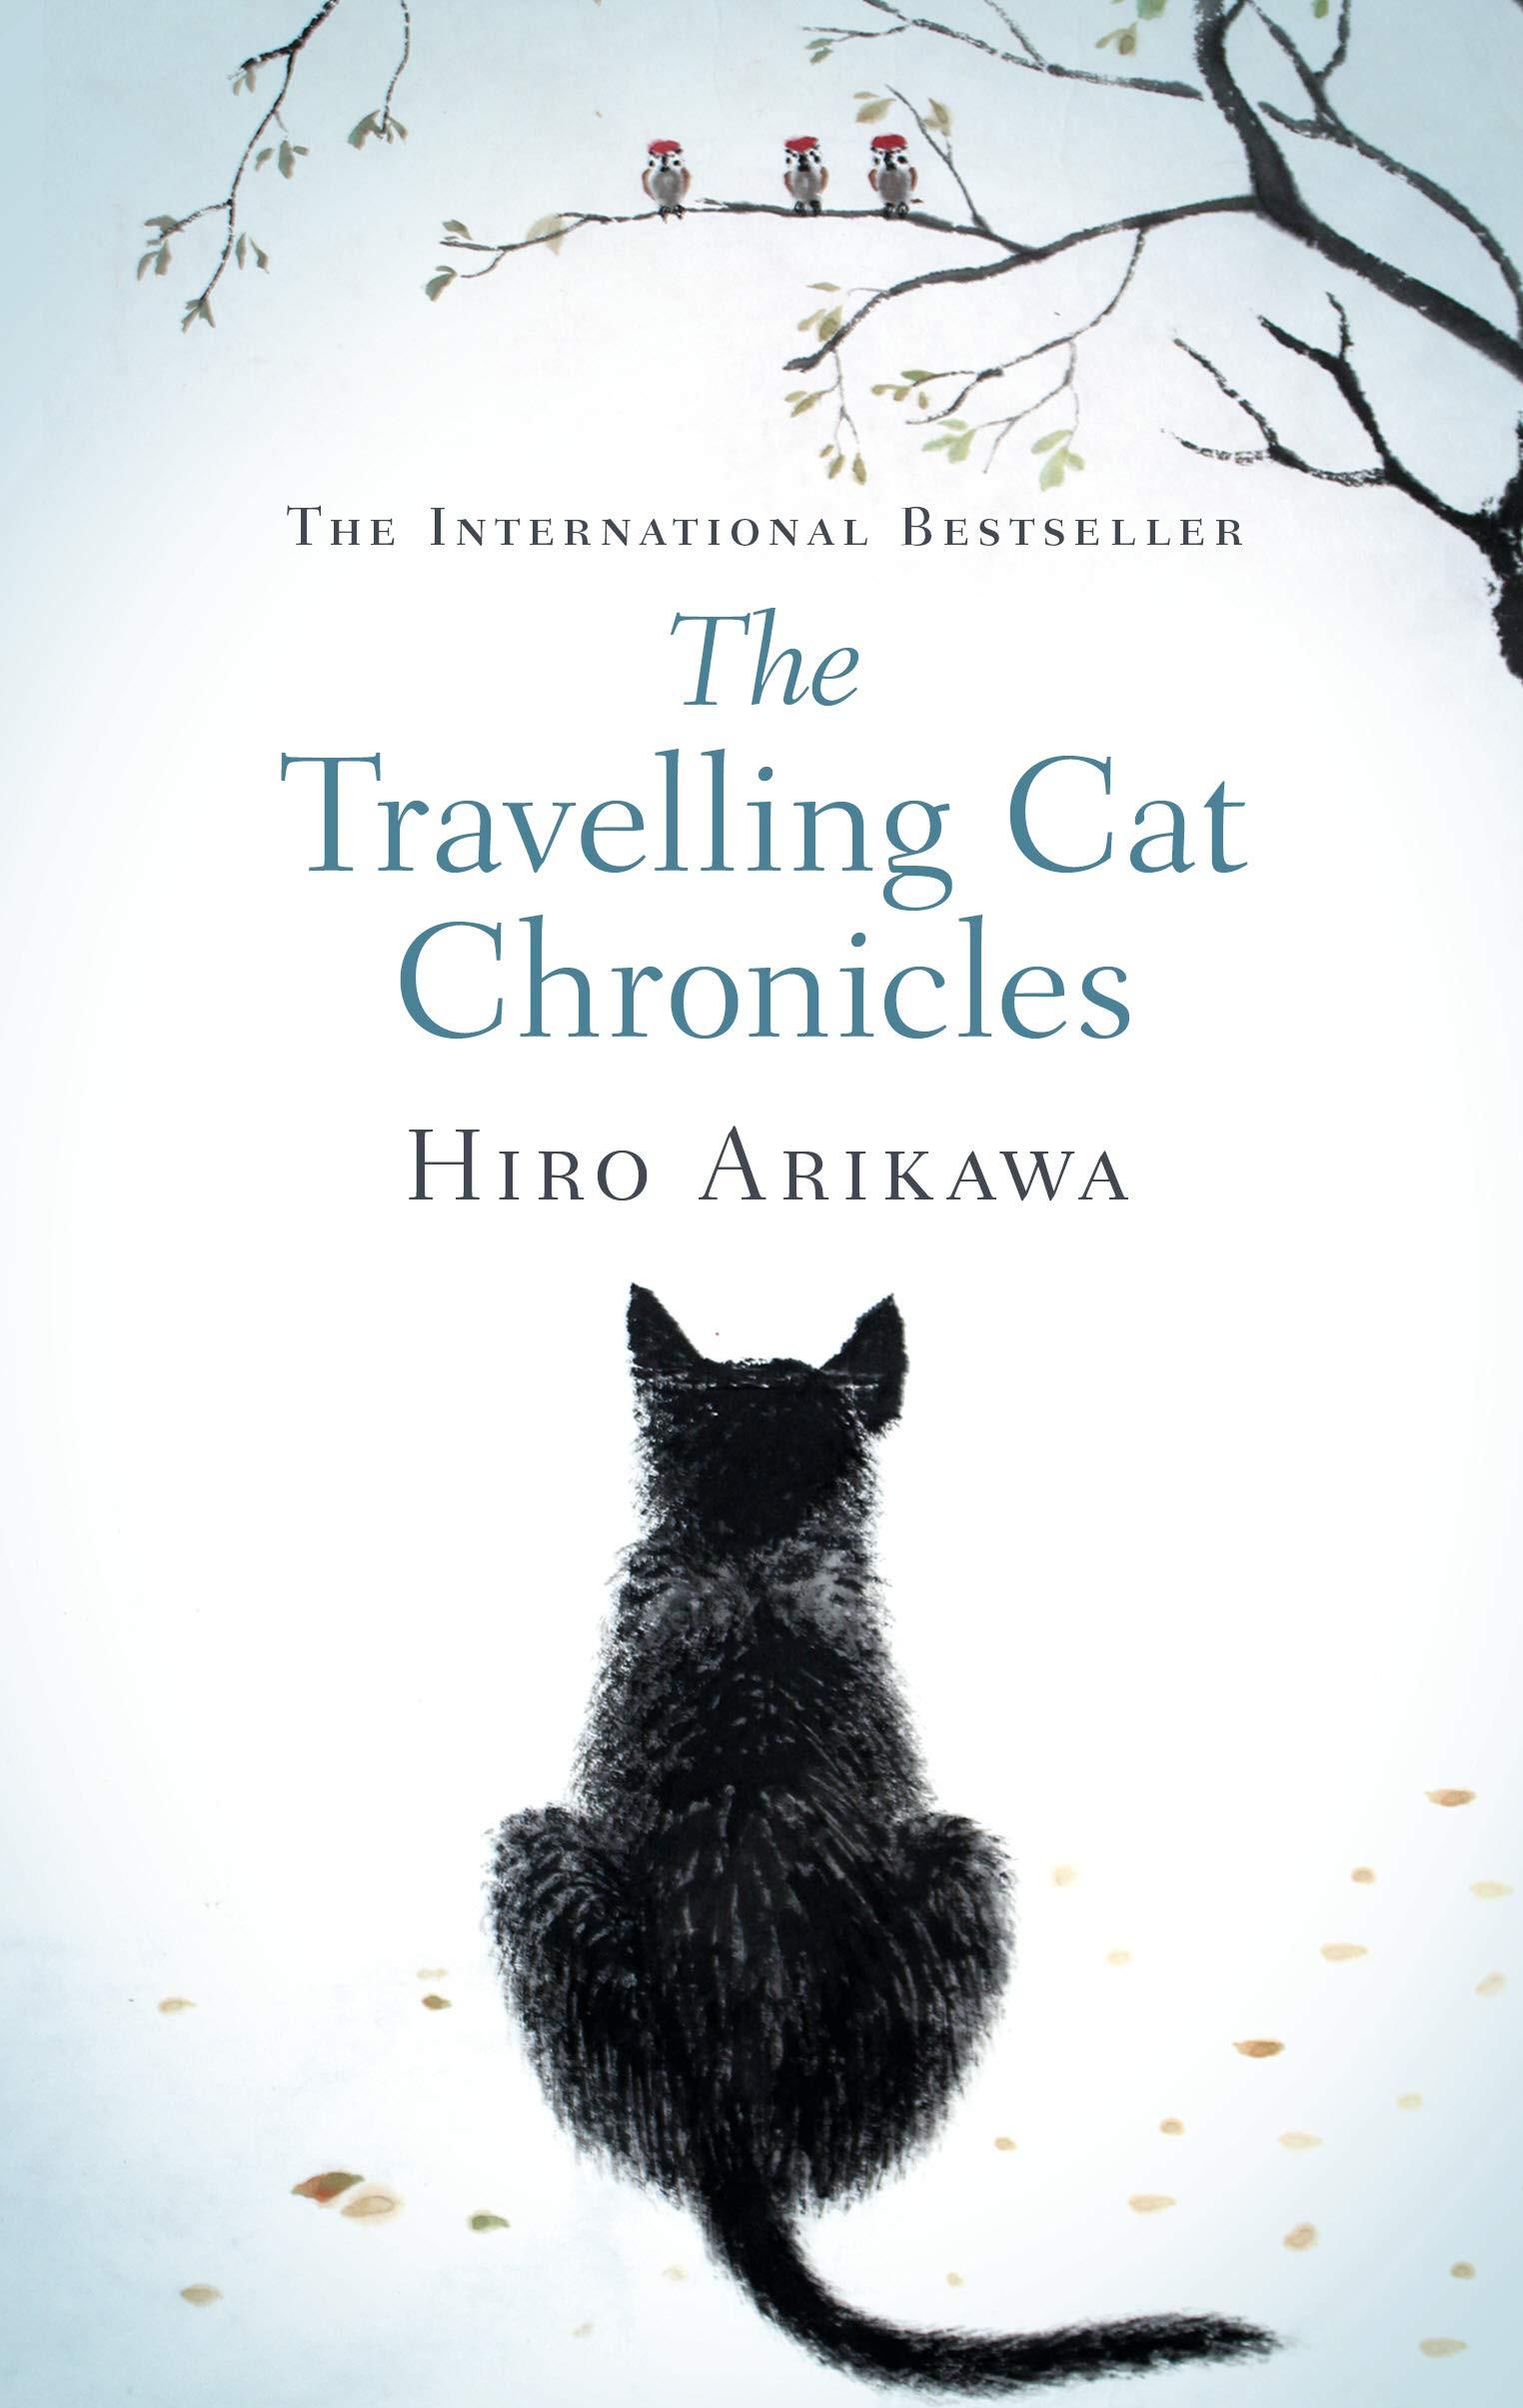 Hiro Arikawa - The Travelling Cat Chronicles